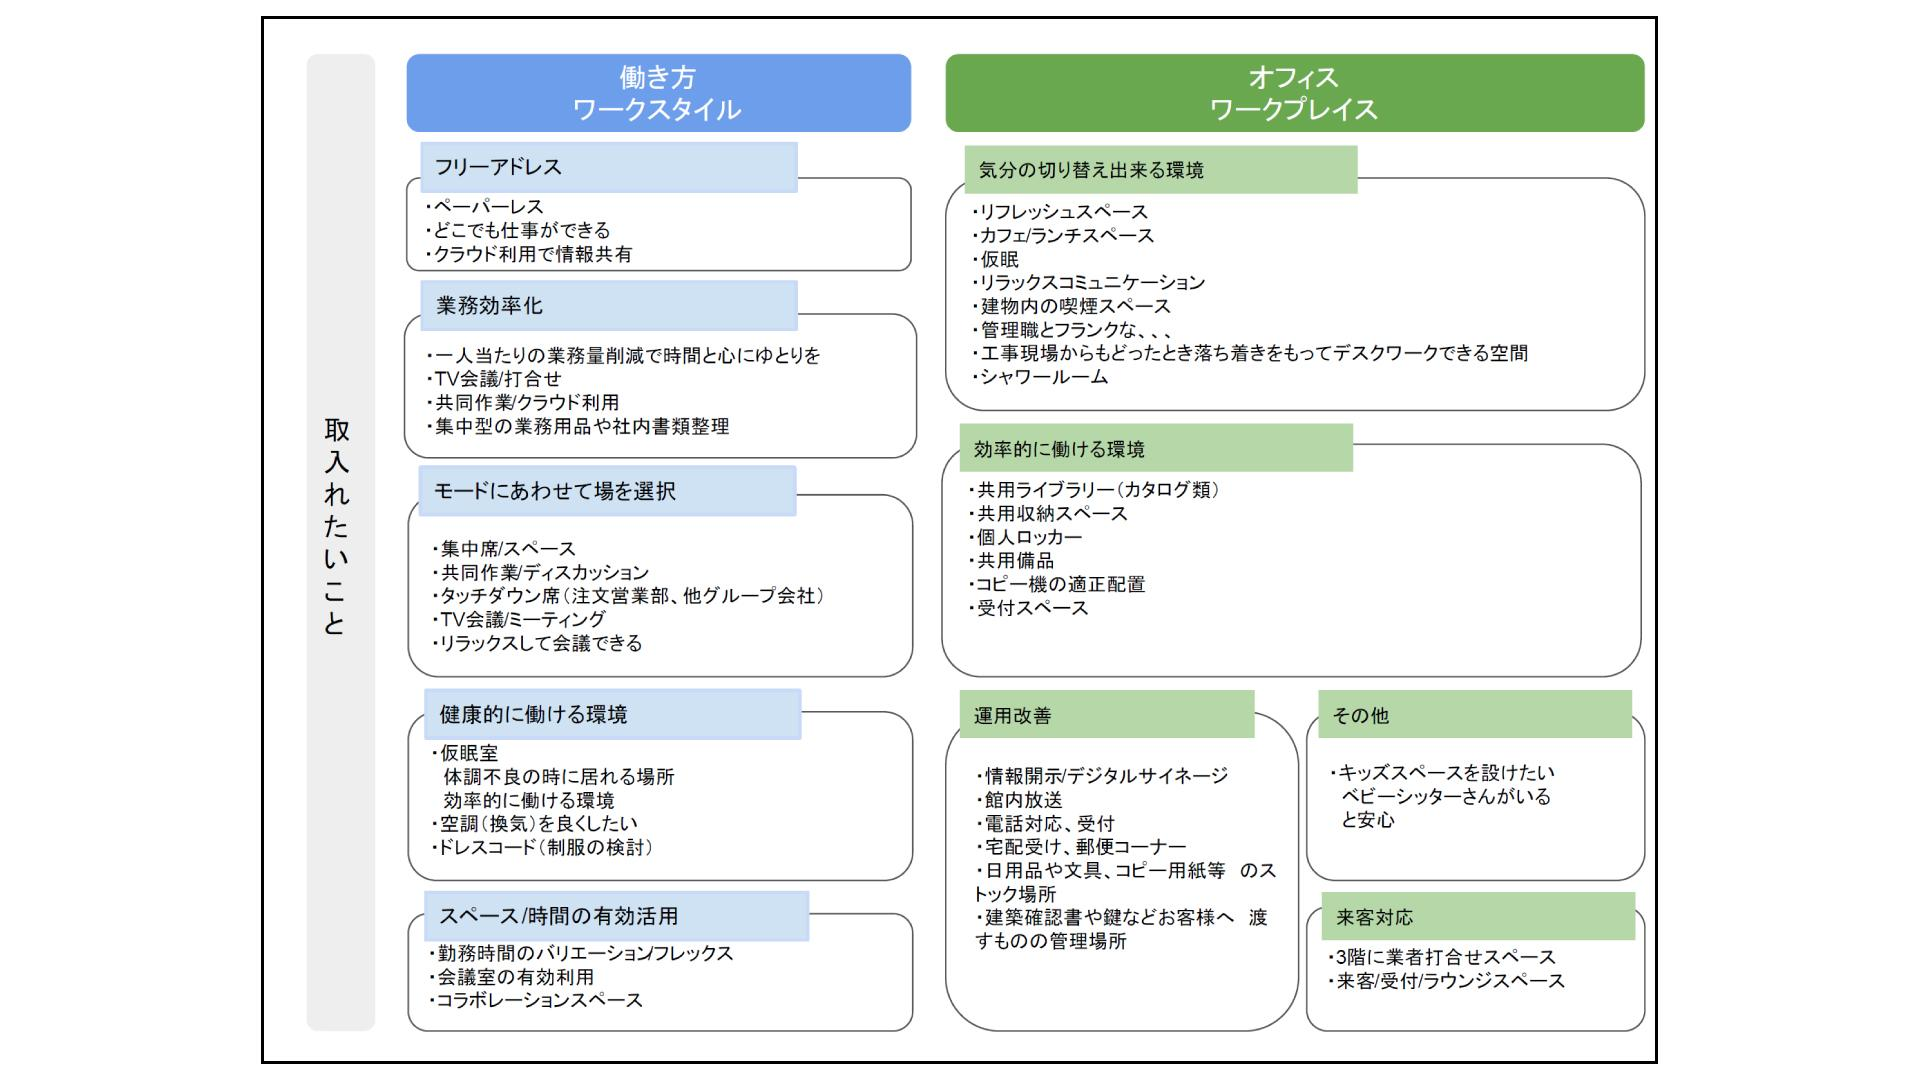 調整_IMG_ワークプレイス.jpg